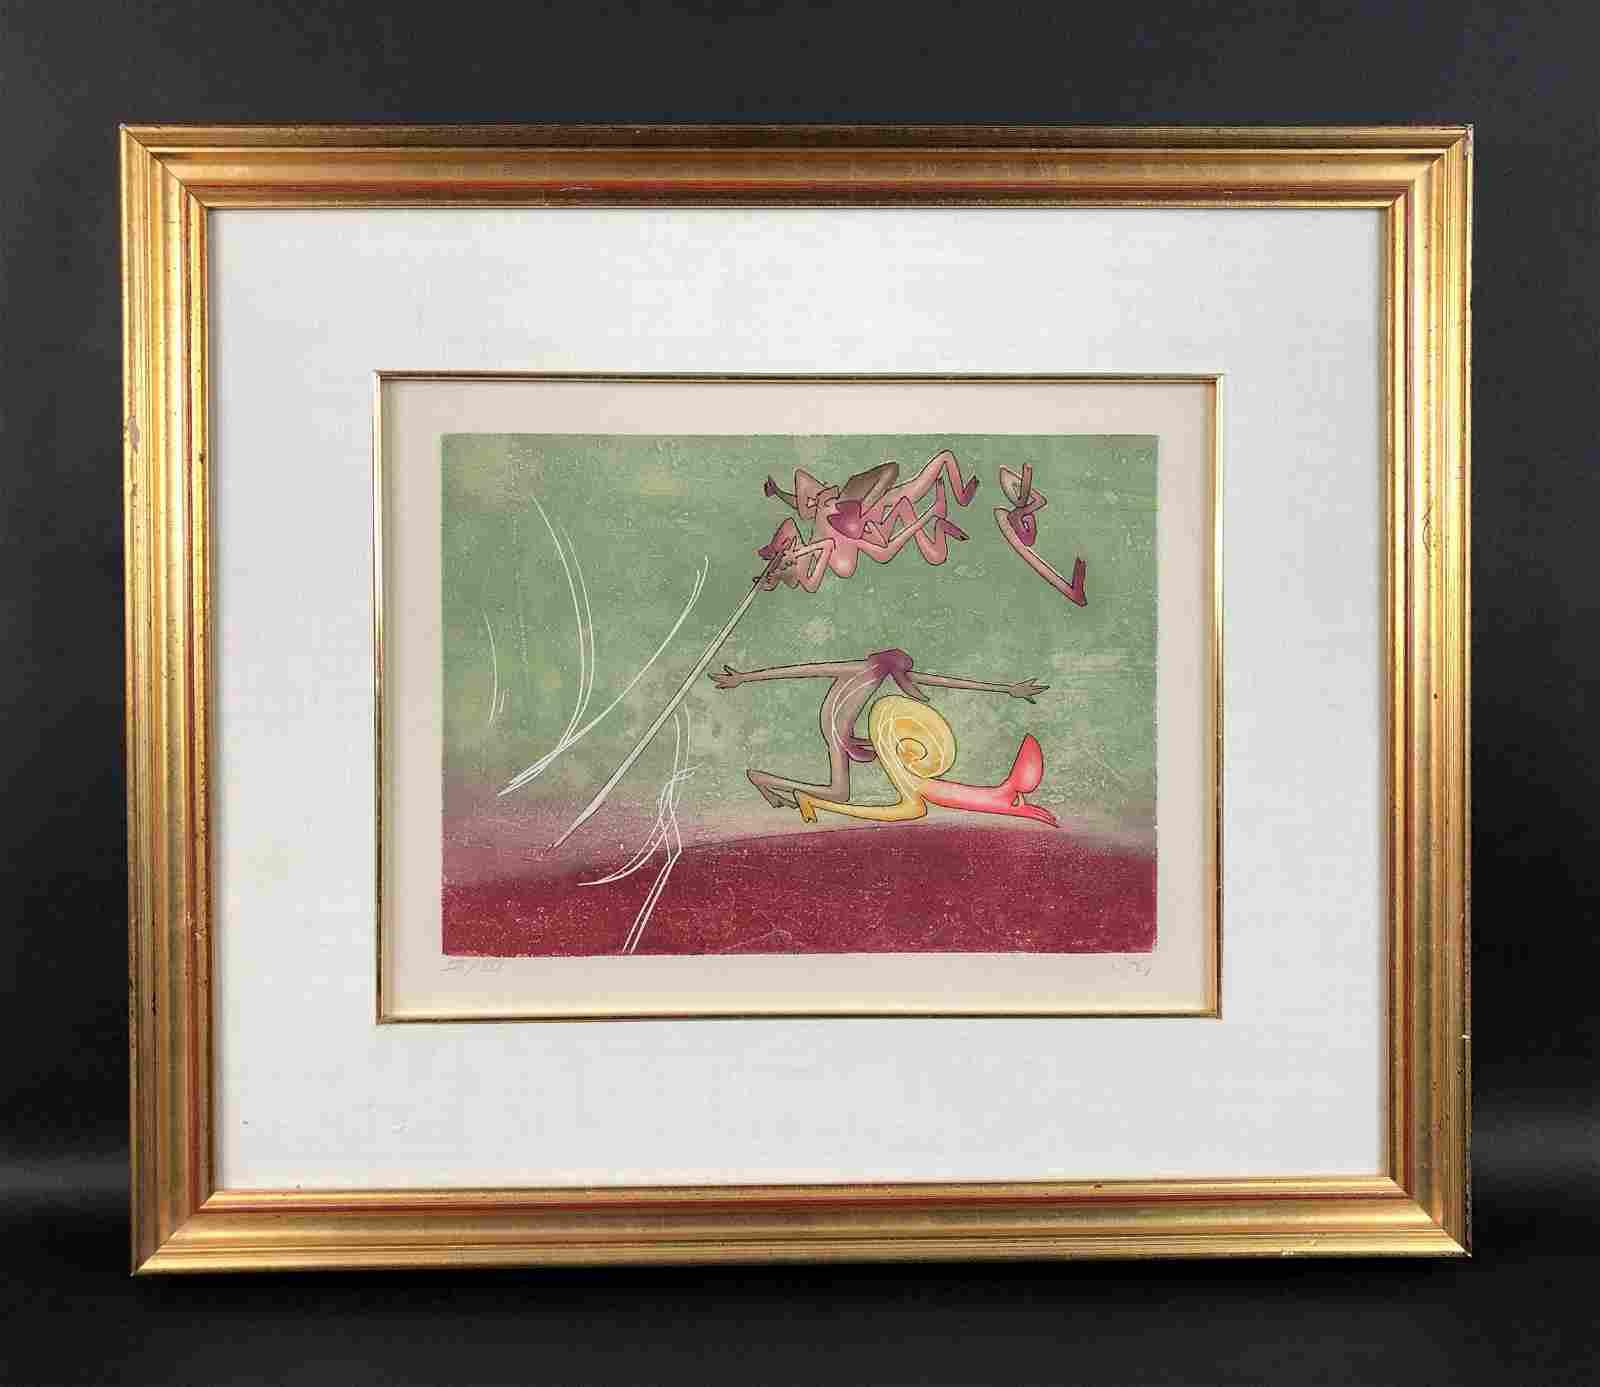 Roberto Matta (Chilean, 1911-2002) - Fine Art Print